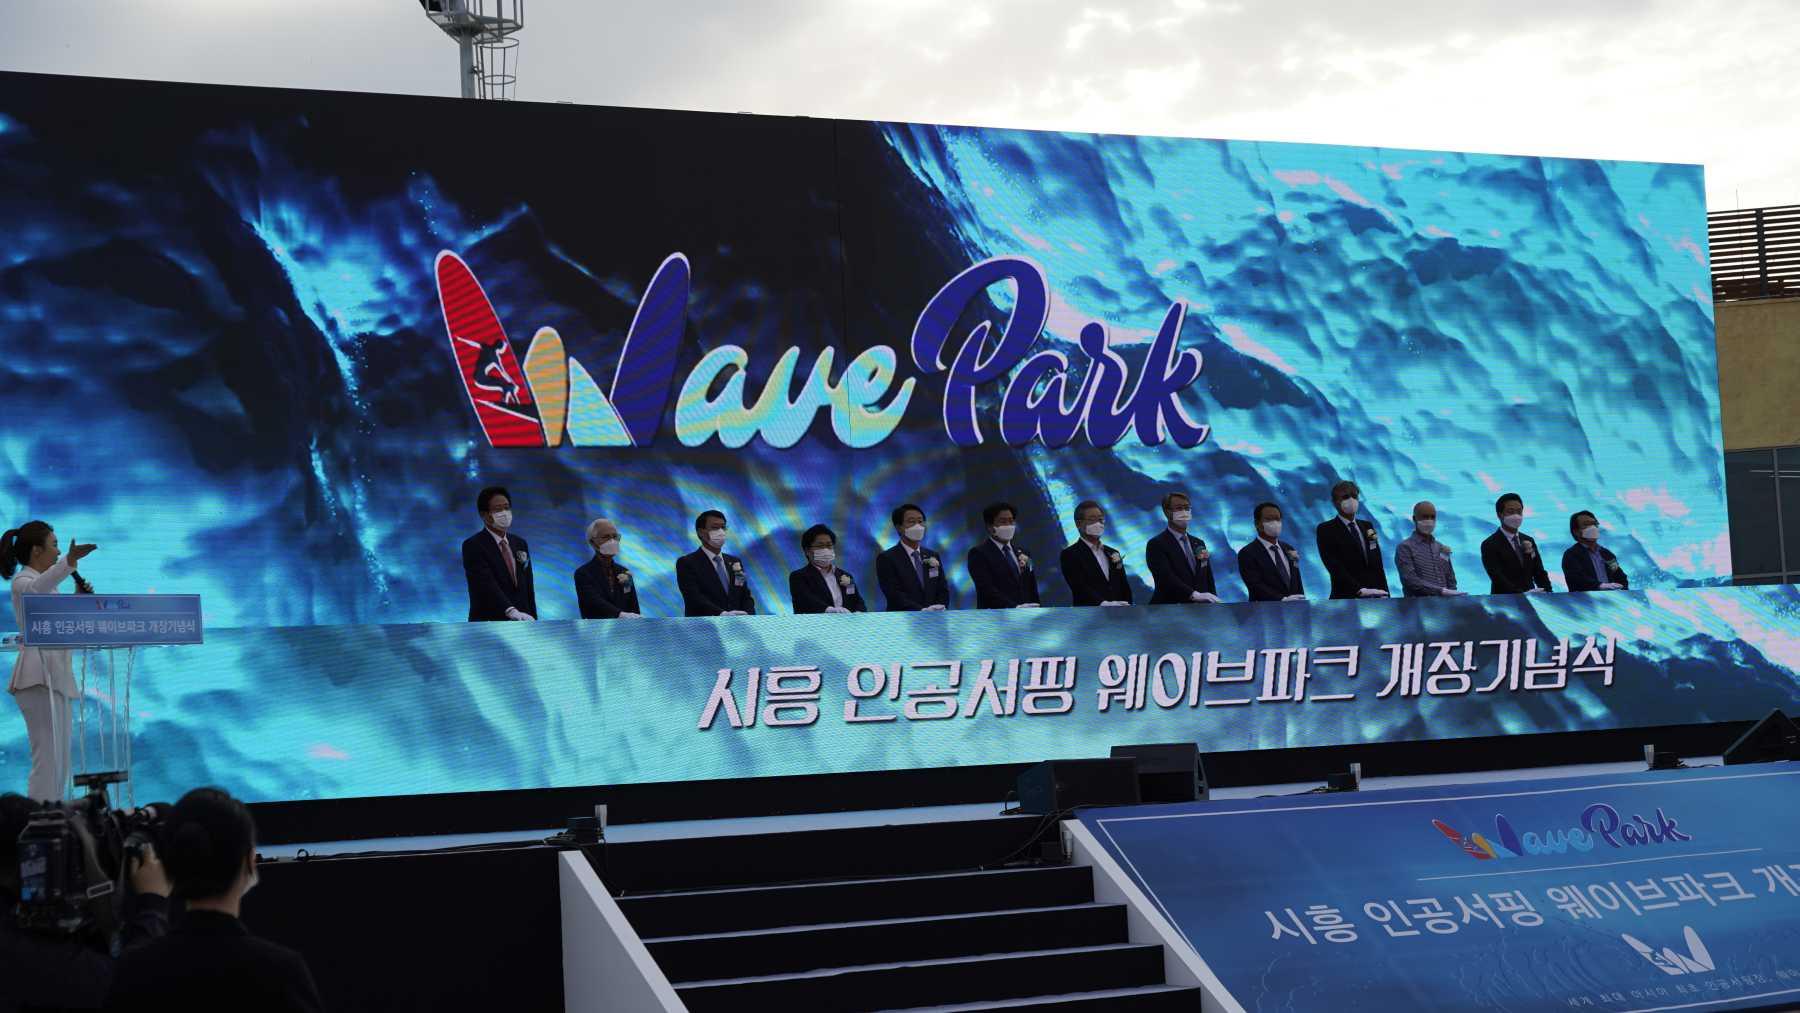 surf30 wavegarden cove corea Wave Park Open Ceremony 1